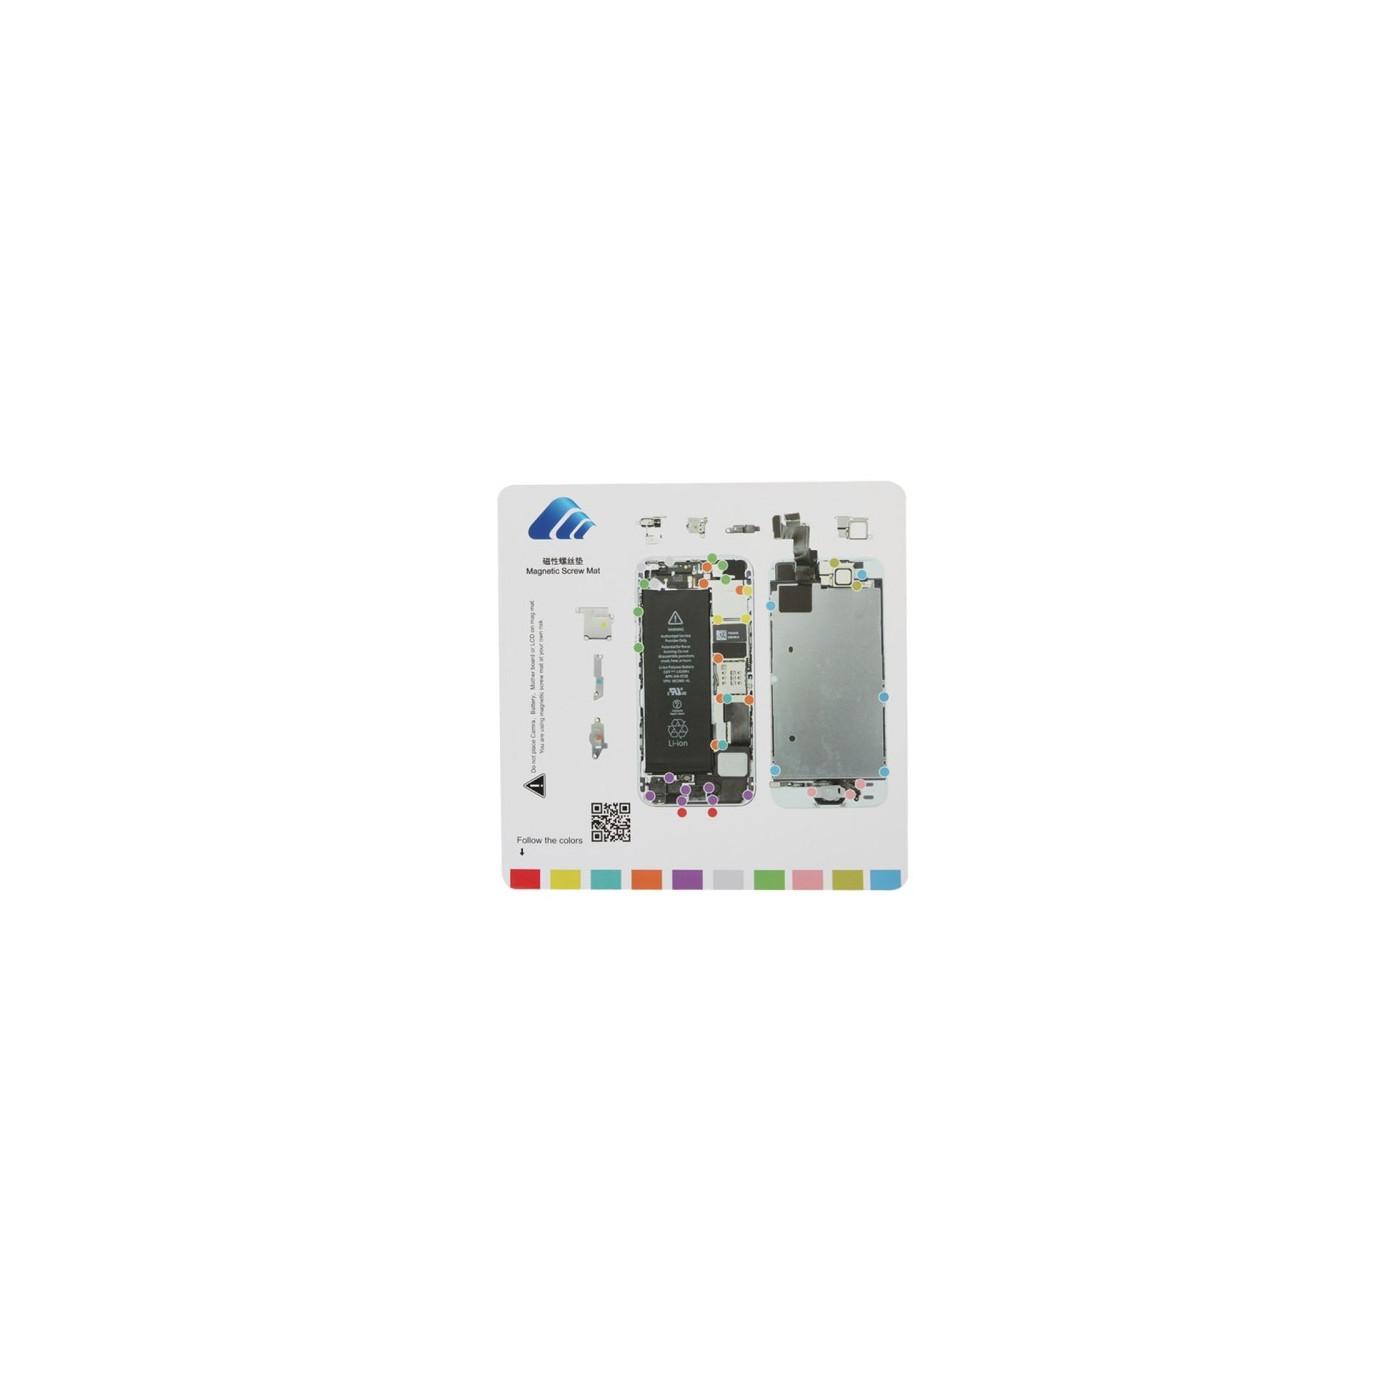 Tappeto magnetico per riparazione iPhone 5s tools 20 cm x 20 cm tappetino